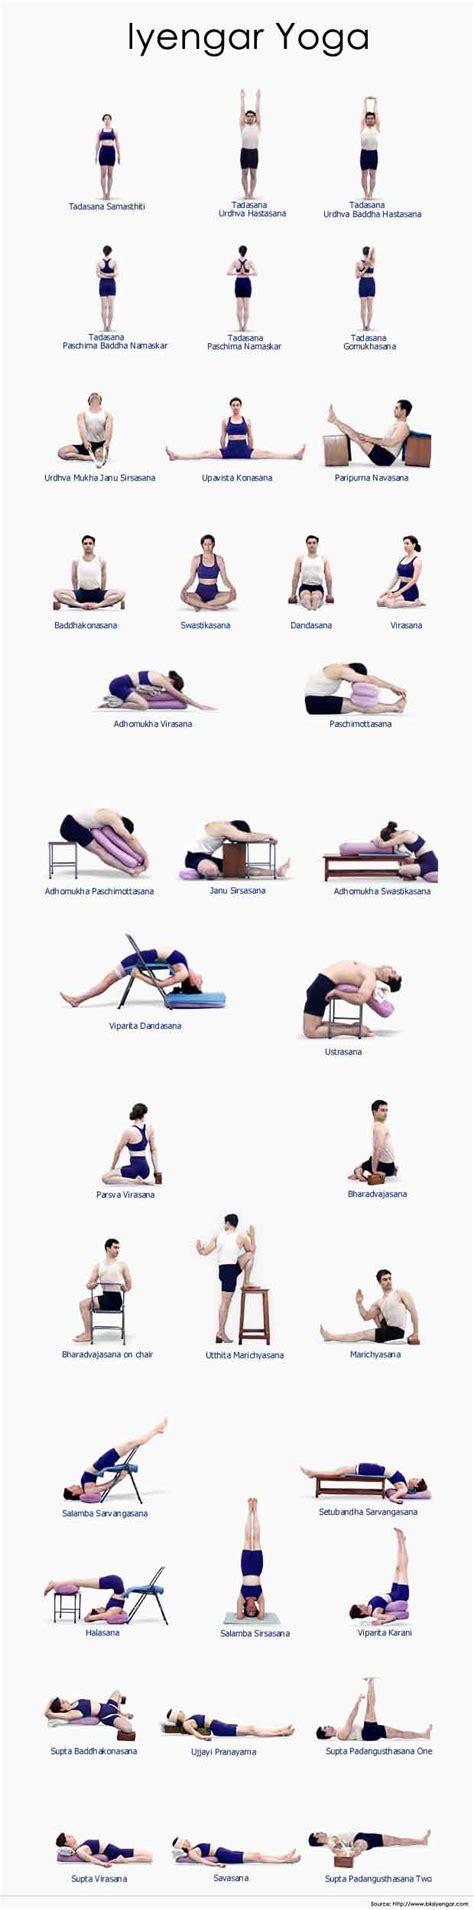 tutorial yoga iyengar 82 patanjali yoga poses asana the yoga postures 30